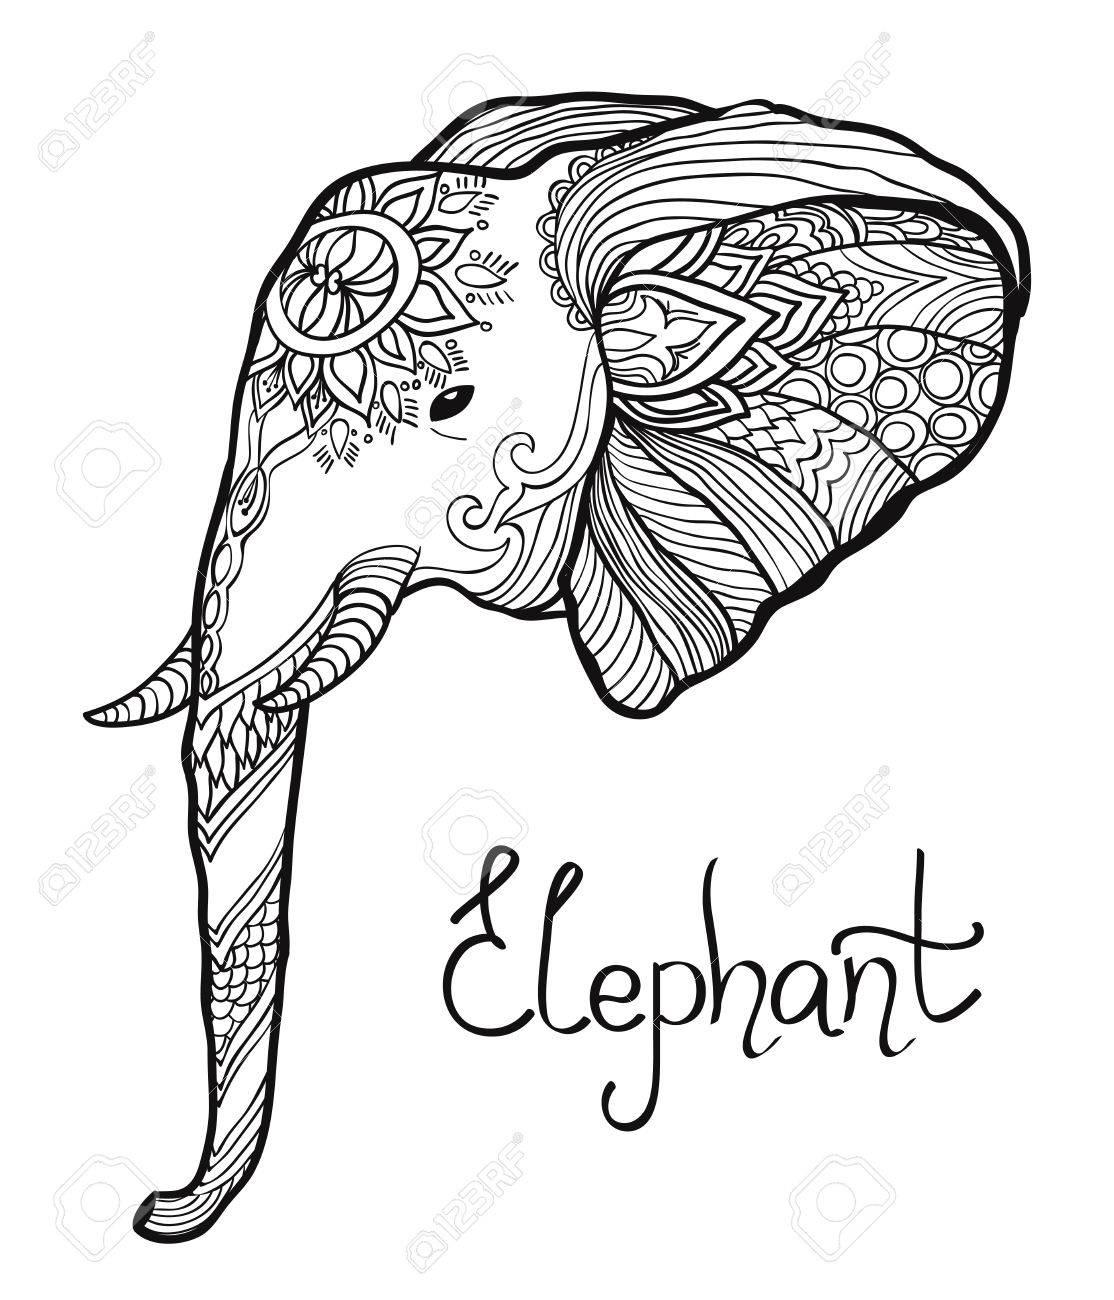 Elefantenkopf Hand Verheddert Illustration Gezeichnet. Malvorlagen